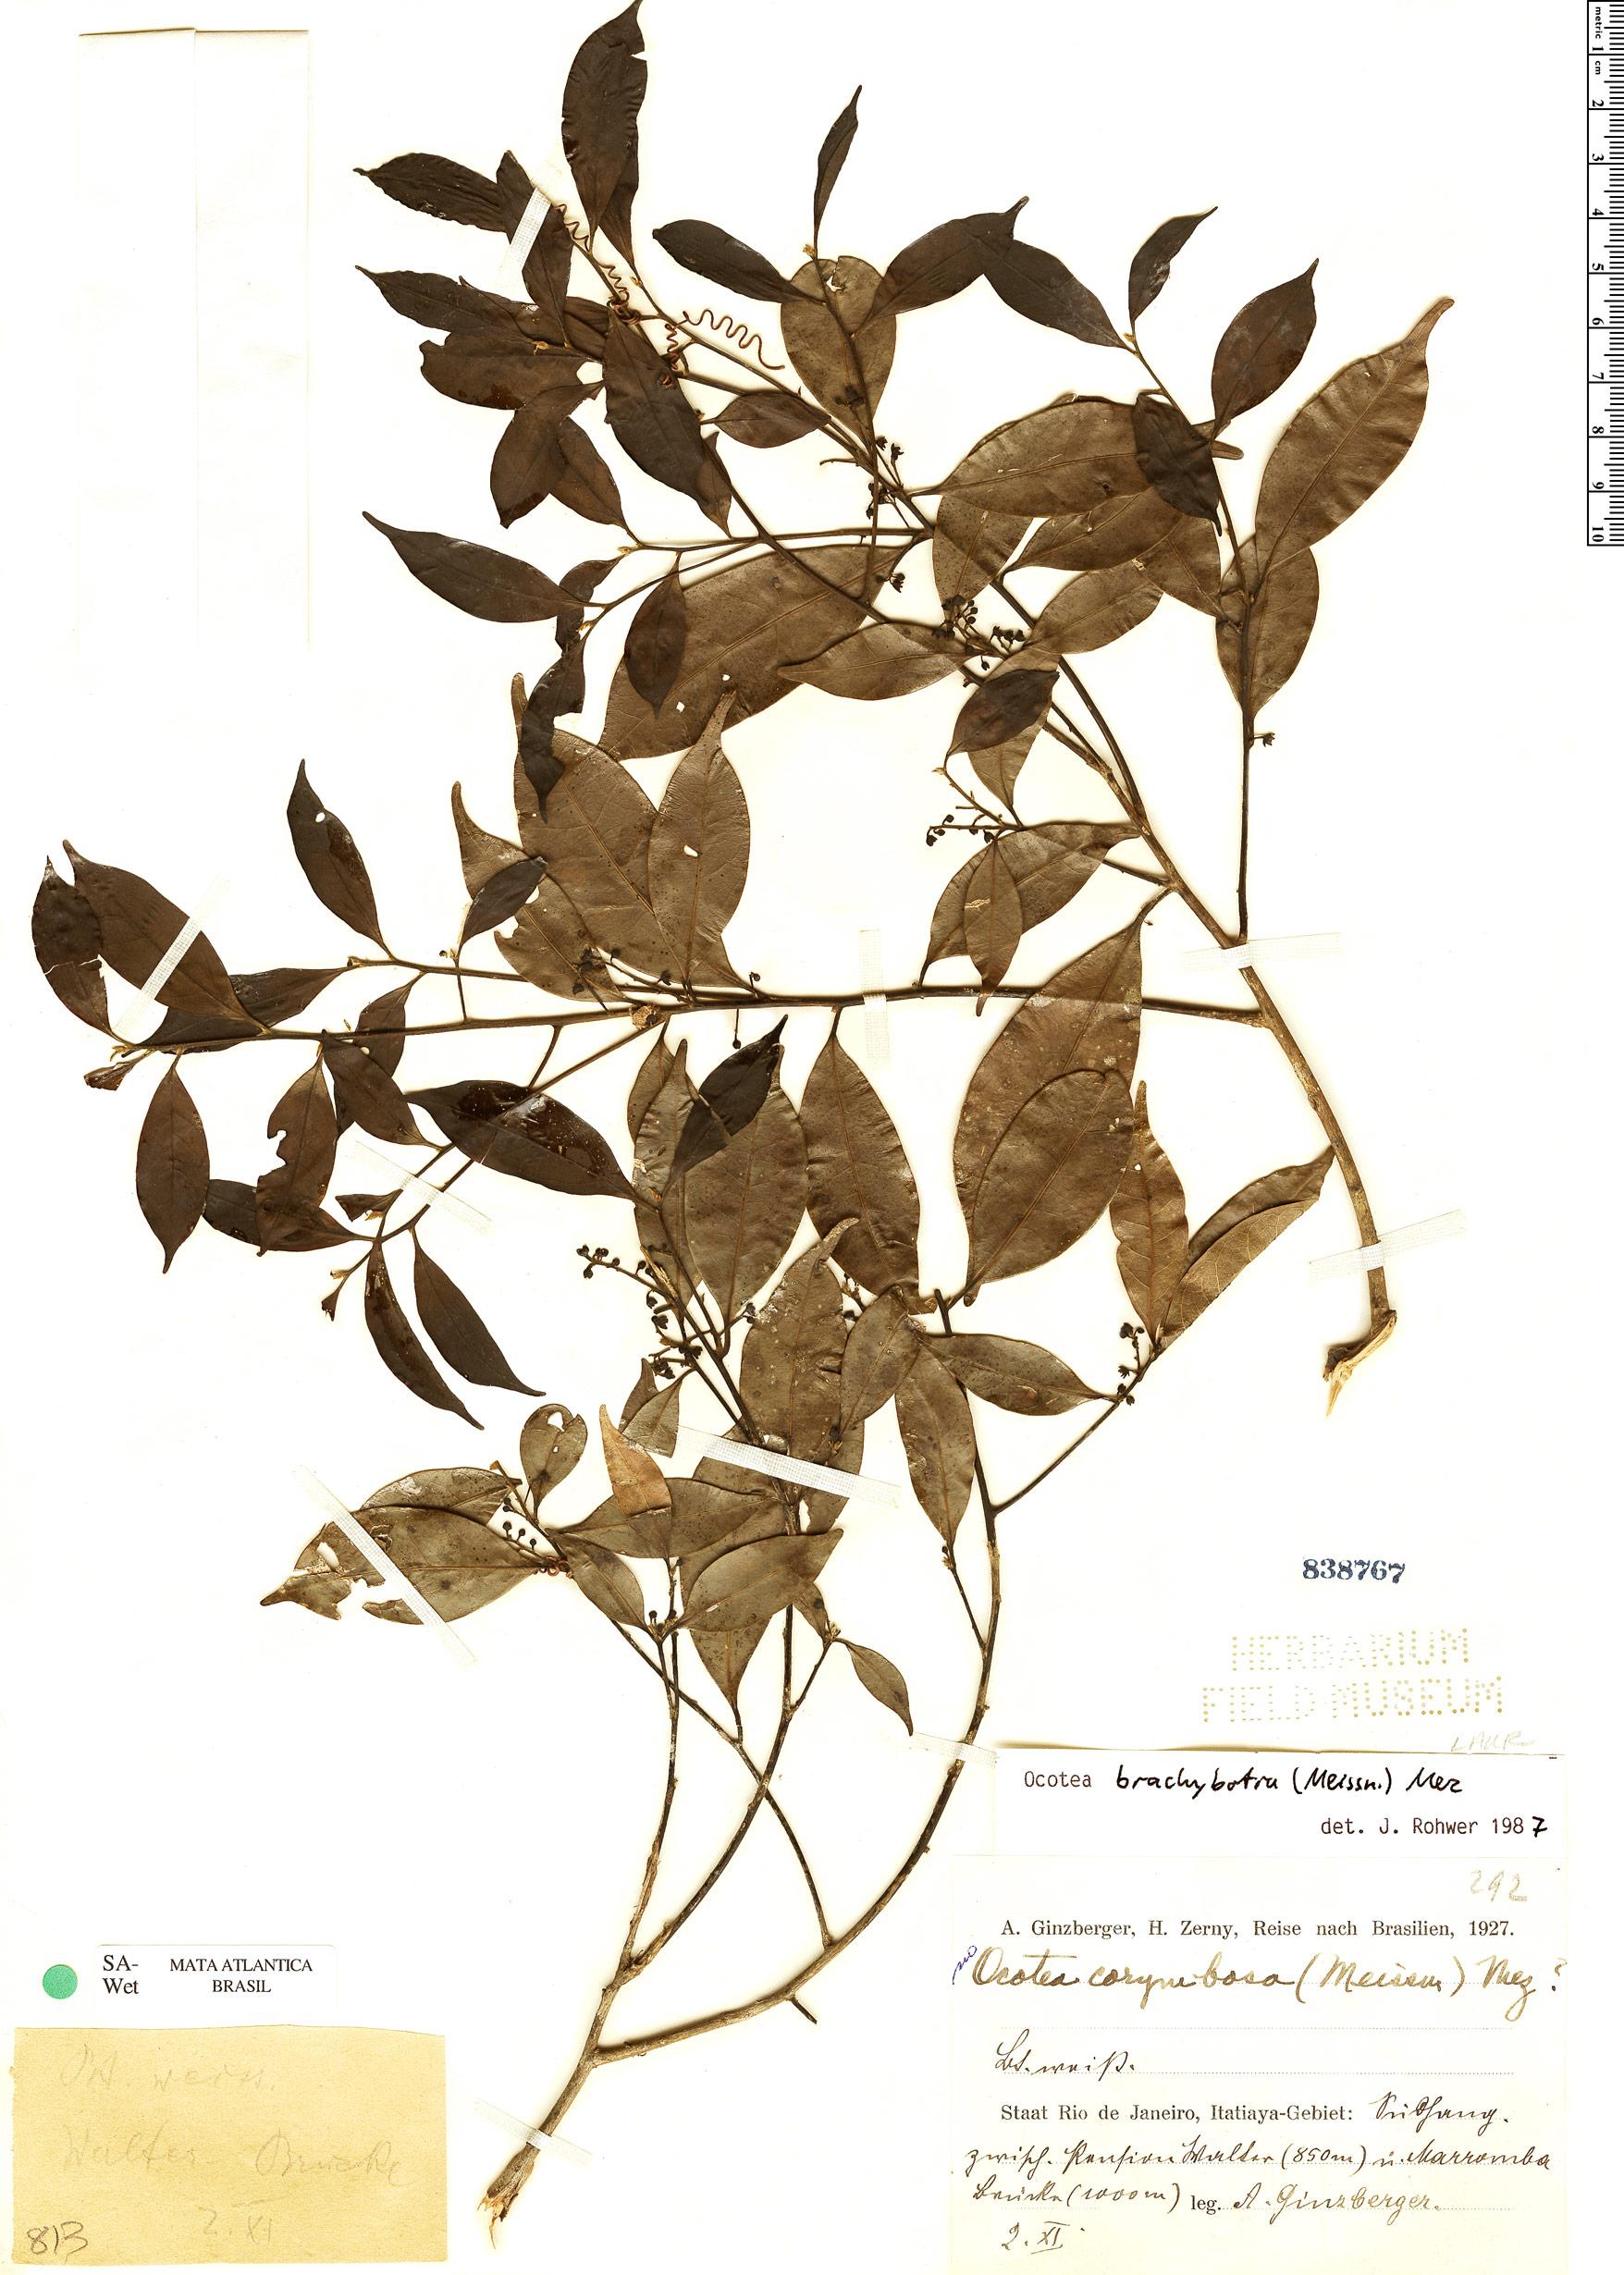 Specimen: Ocotea brachybotrya